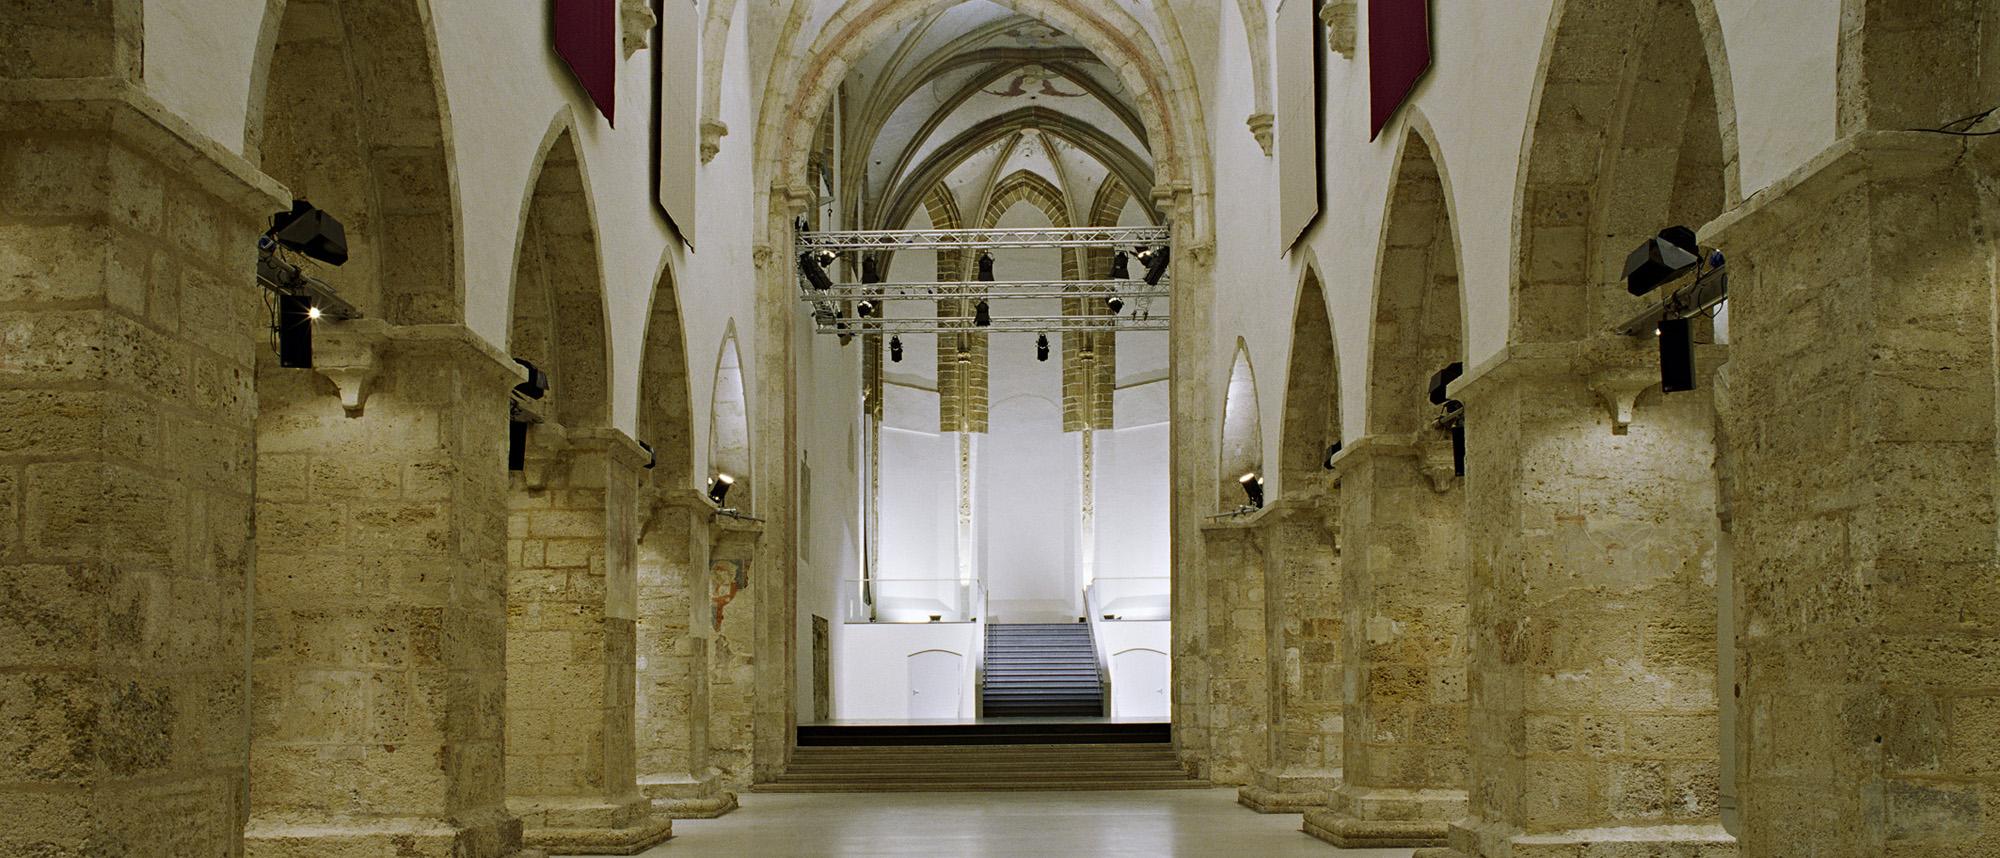 Minoritenkirche Krems © Herta Hurnaus